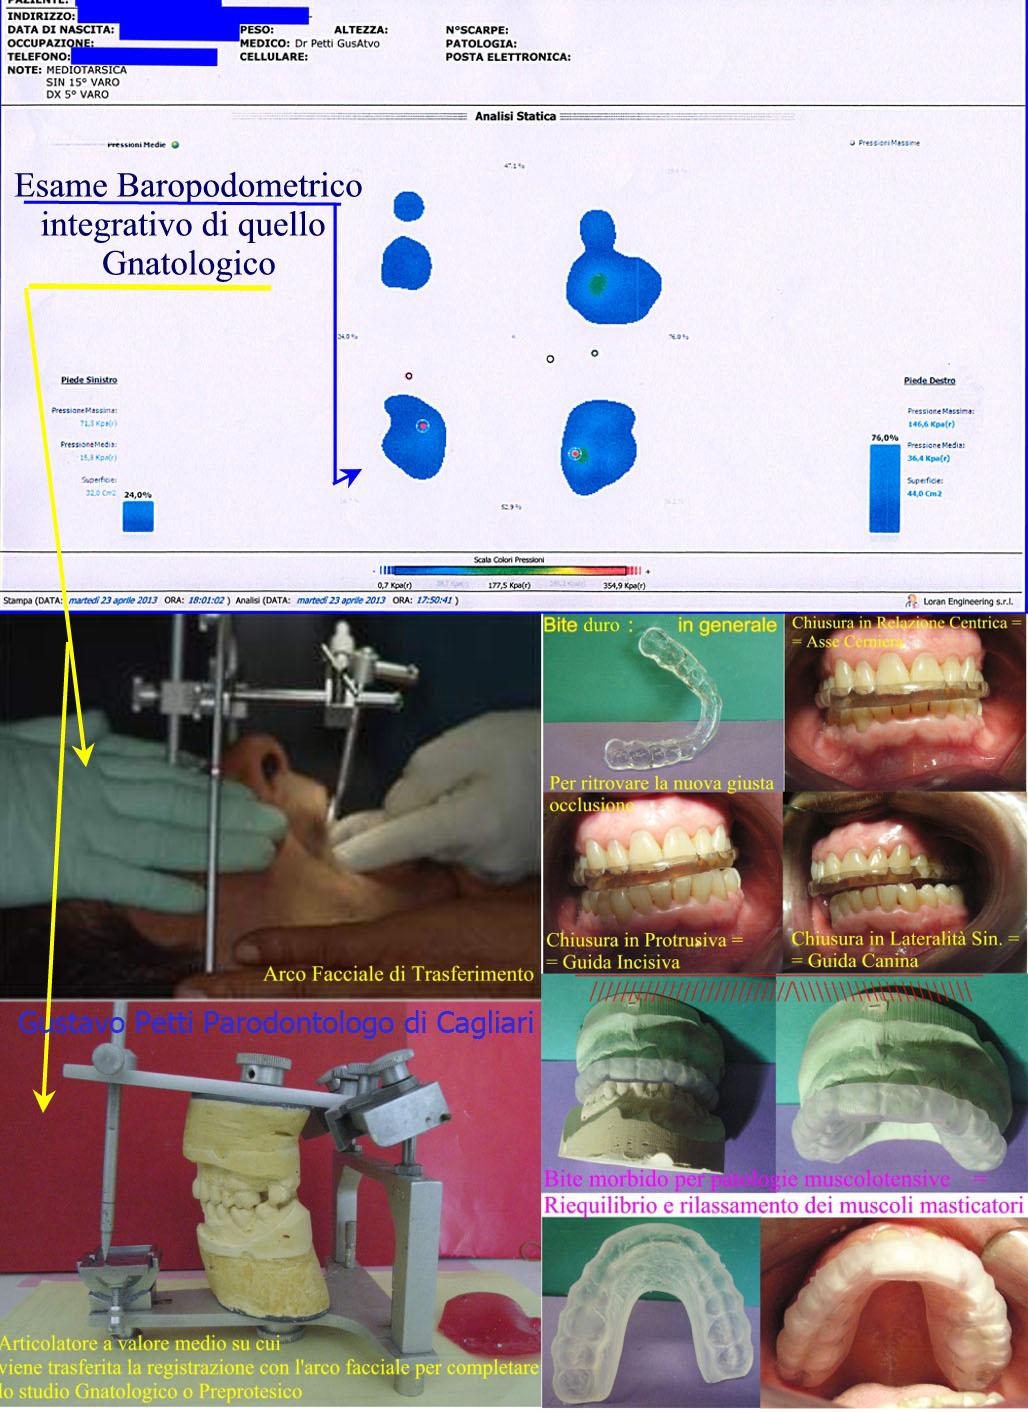 gnatologia-dr-g.petti-cagliari-611.jpg